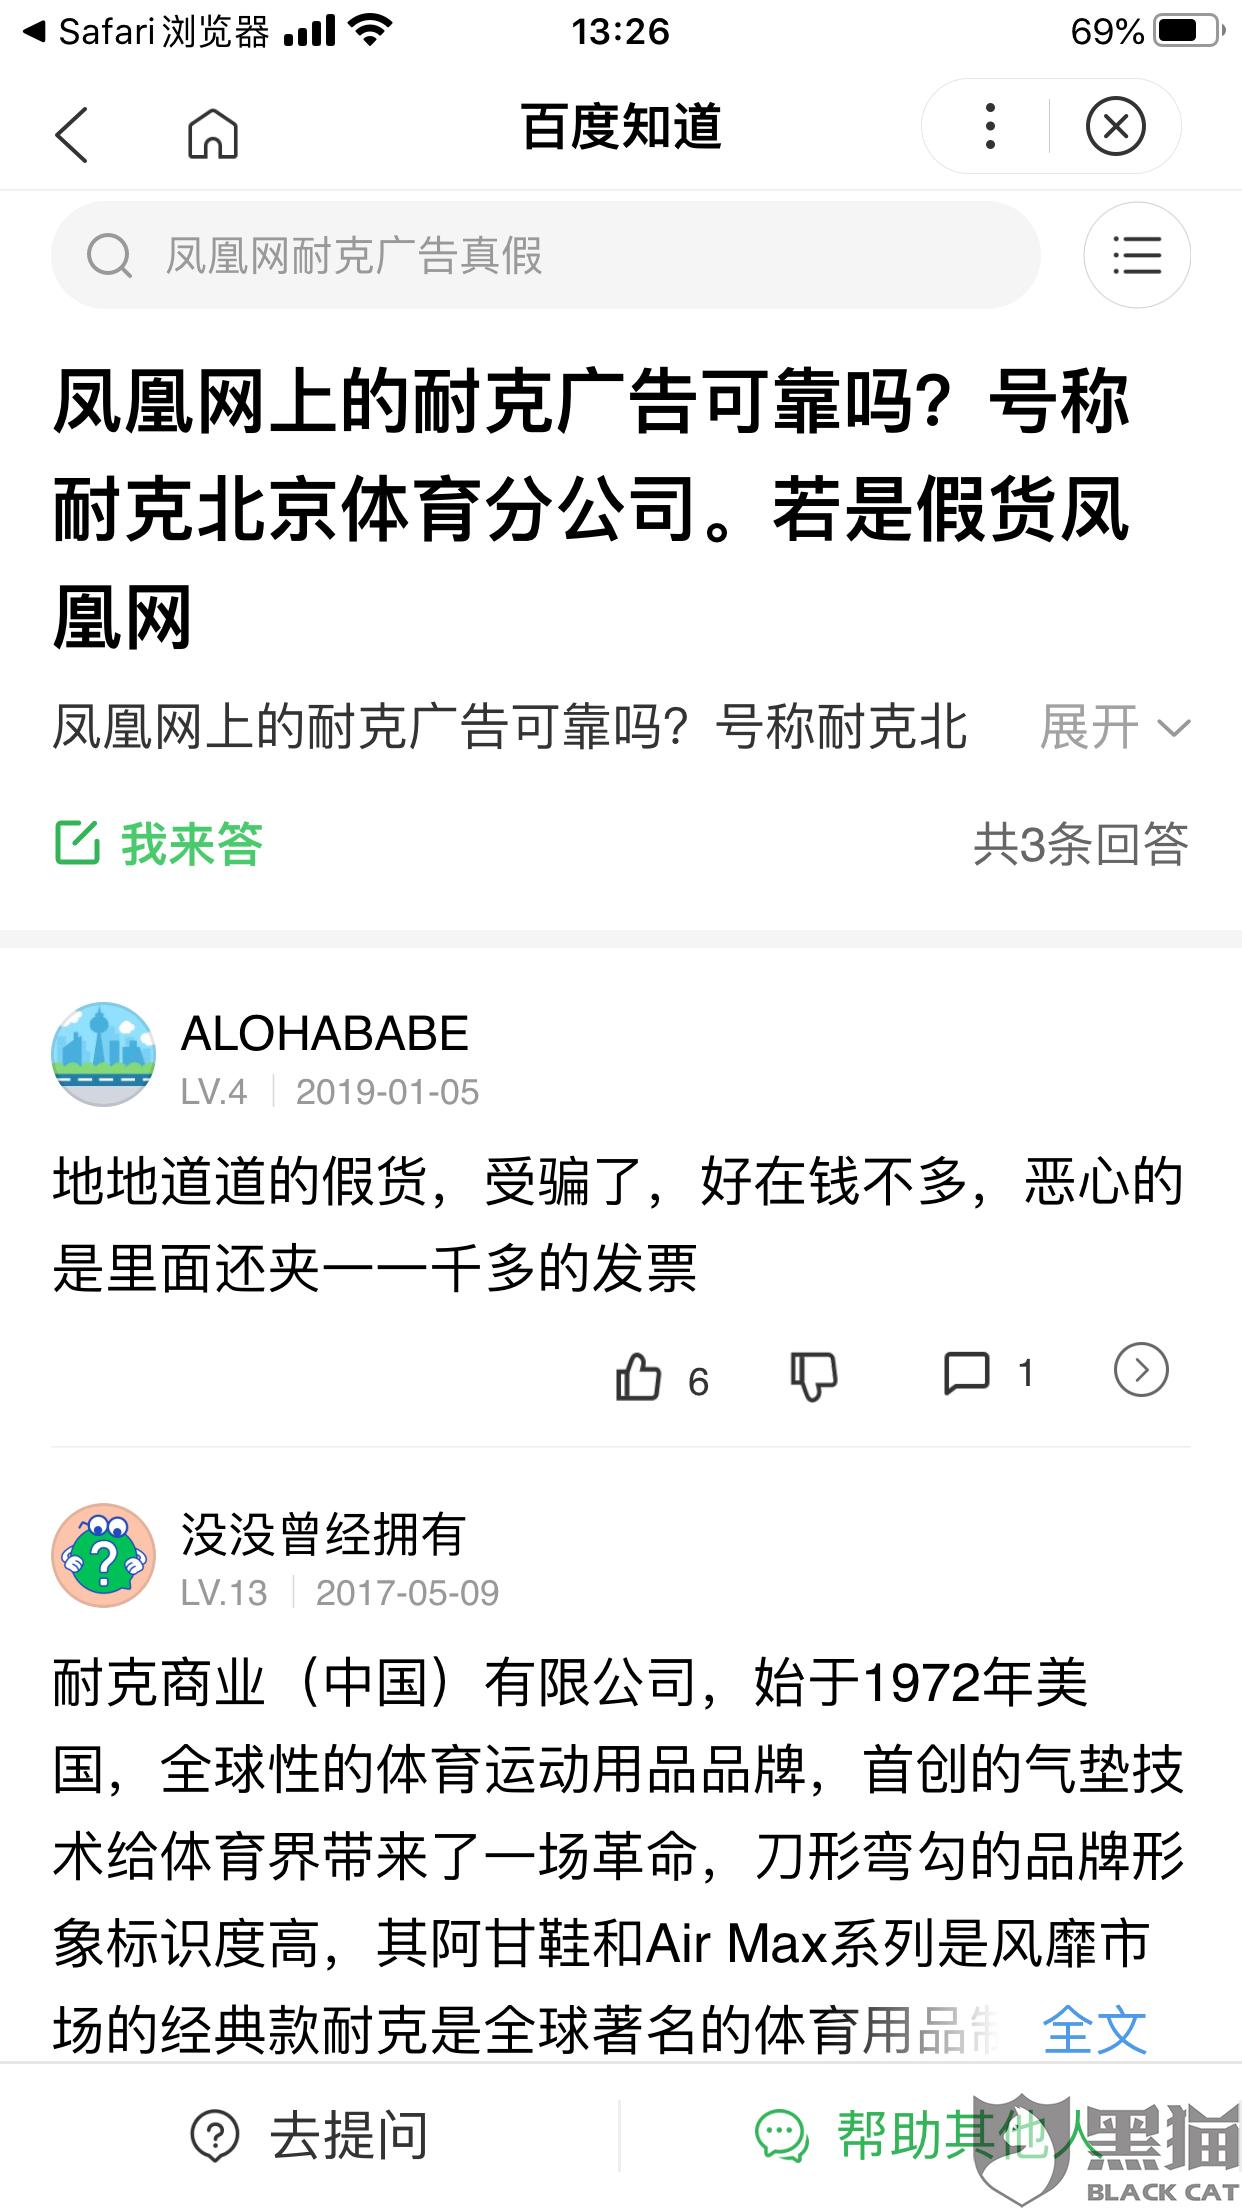 黑猫投诉:凤凰网官网耐克虚假广告欺骗消费者